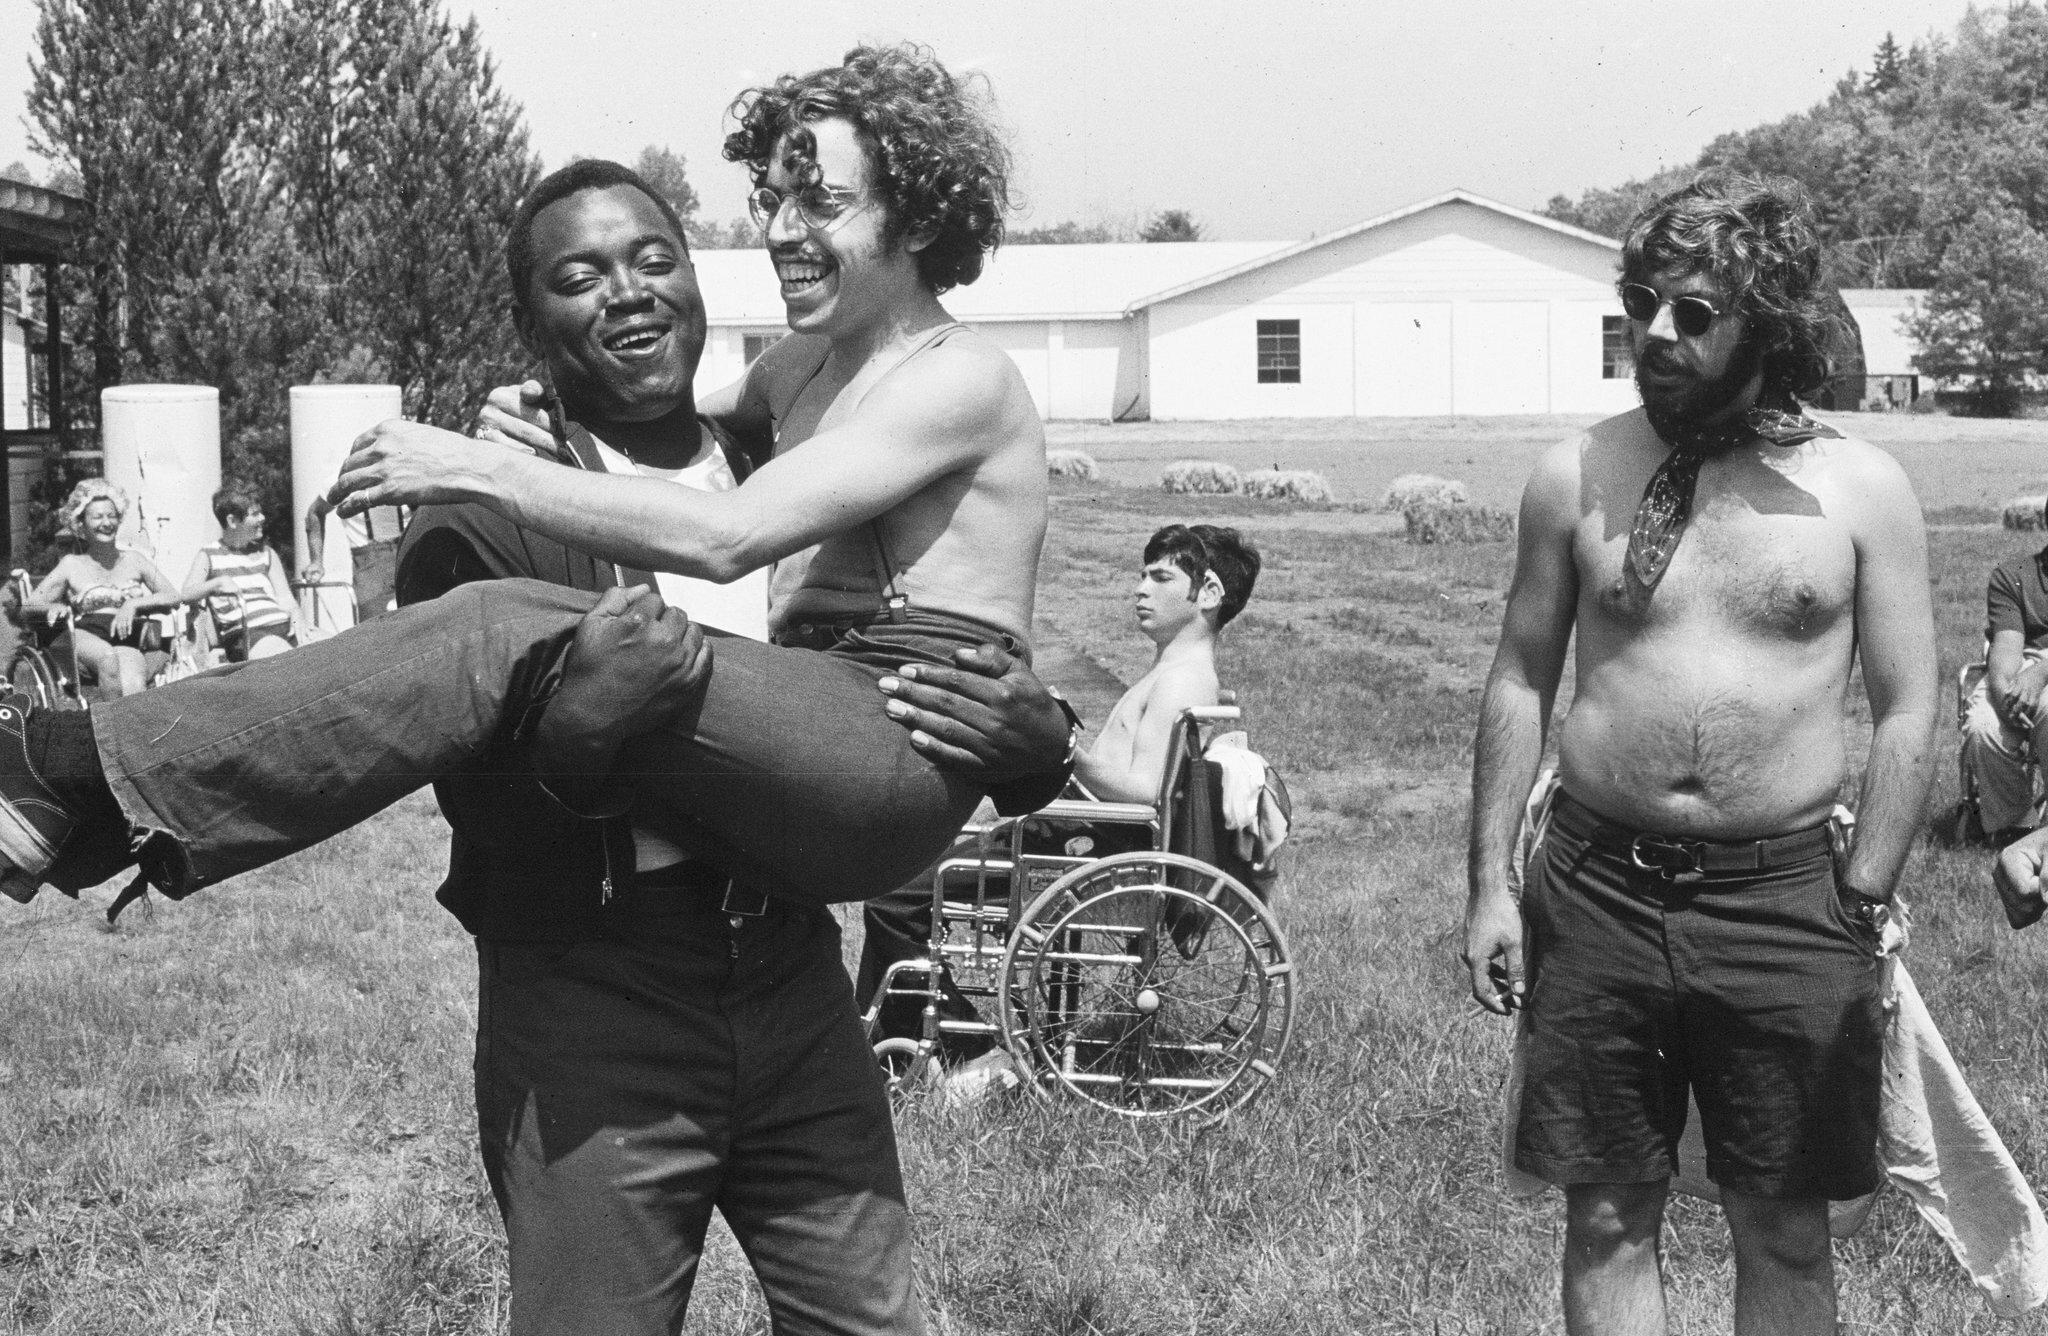 Zwart-witafbeelding. Een verlamde jongeman in ontbloot bovenlijf wordt door een vriend gedragen. Ze lachen.